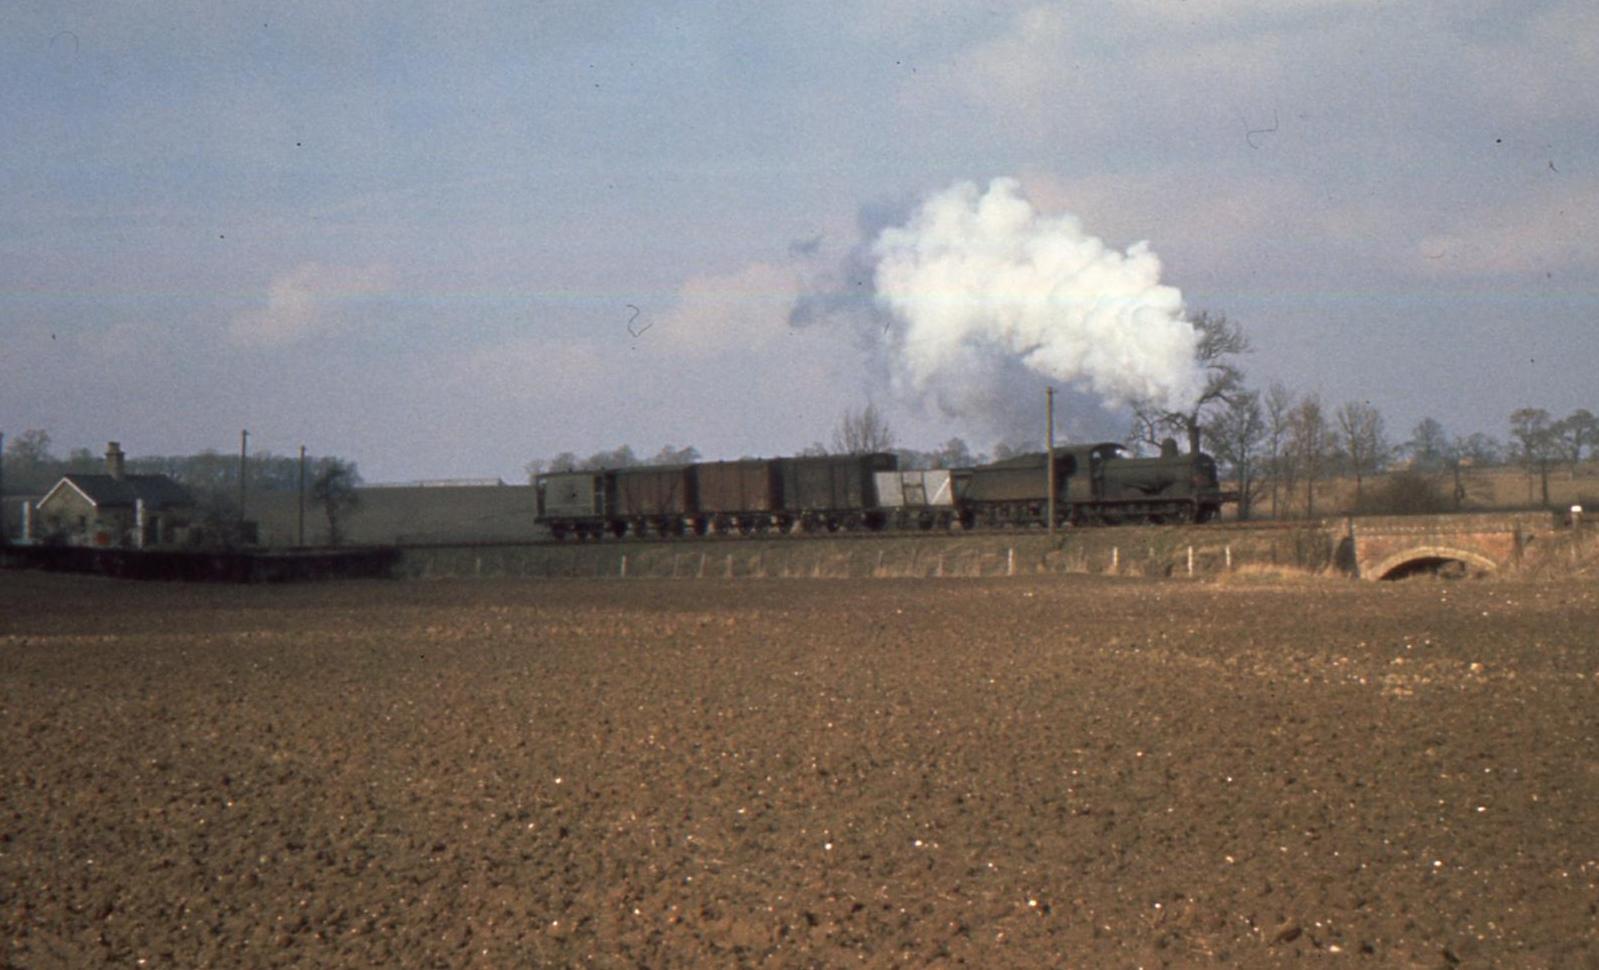 Goods train near Broadwater crossing